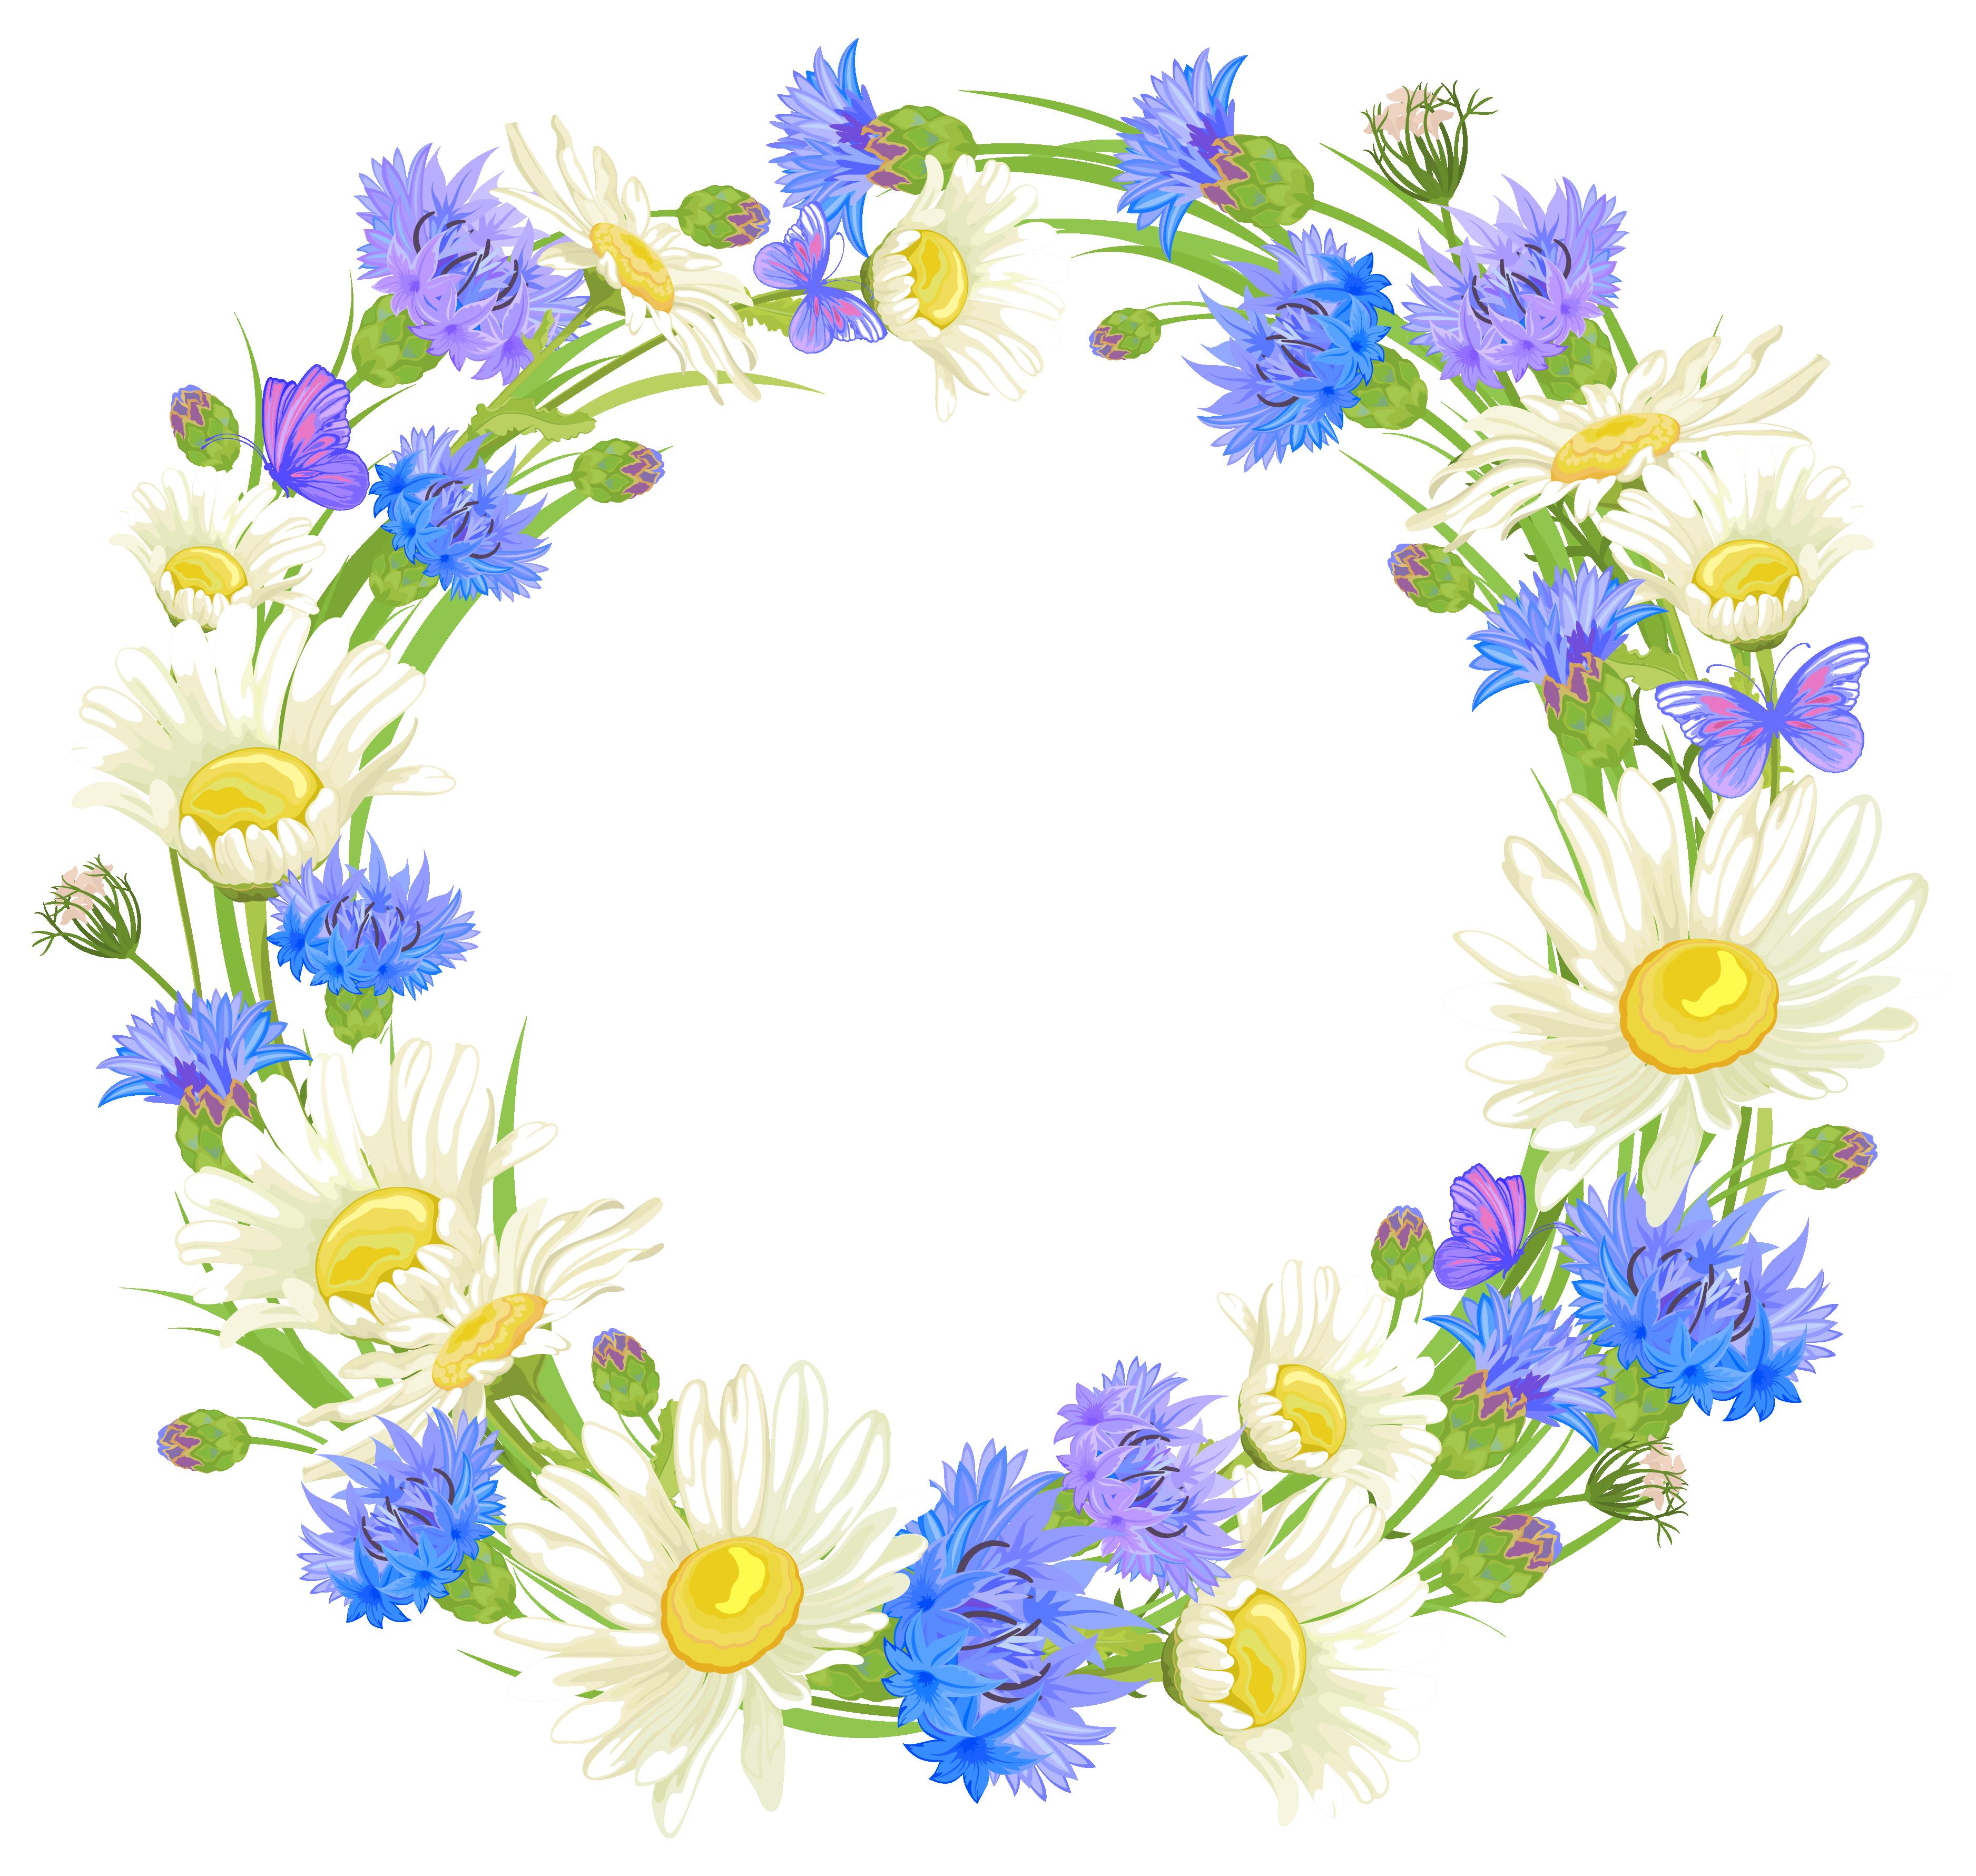 Floral Wreath Clipart Transparent Background.